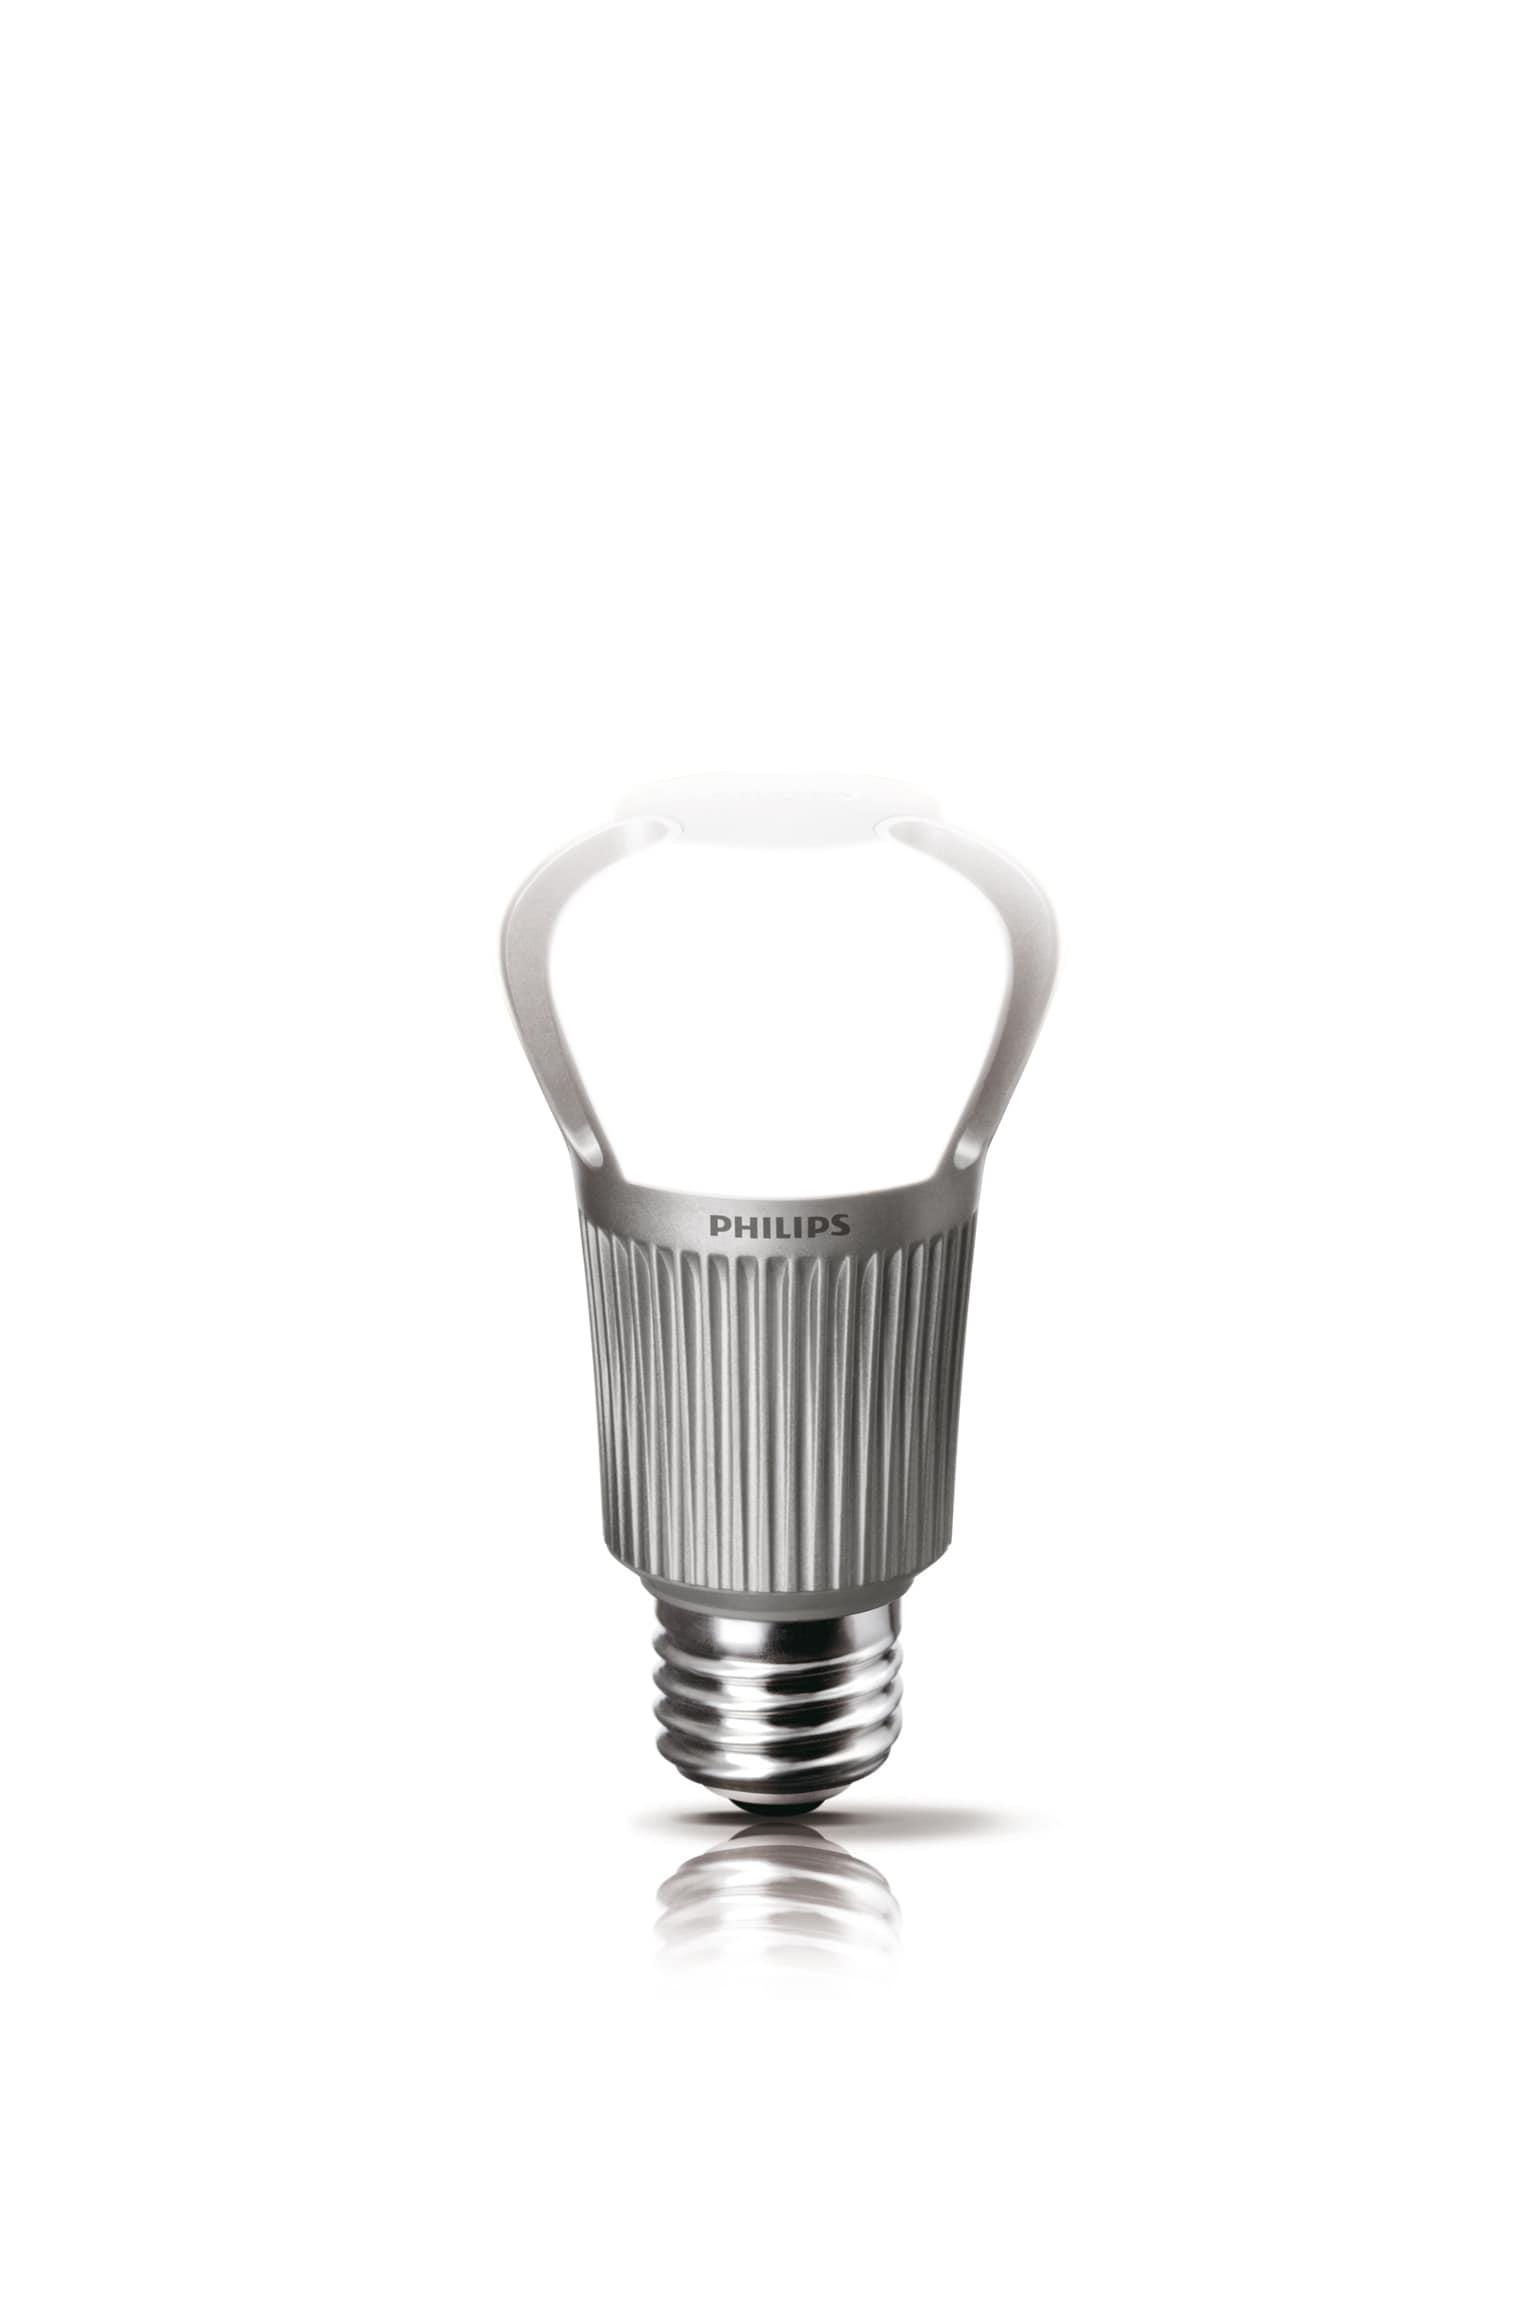 philips led lampen nachhaltigkeit bedeutet nicht verzicht. Black Bedroom Furniture Sets. Home Design Ideas